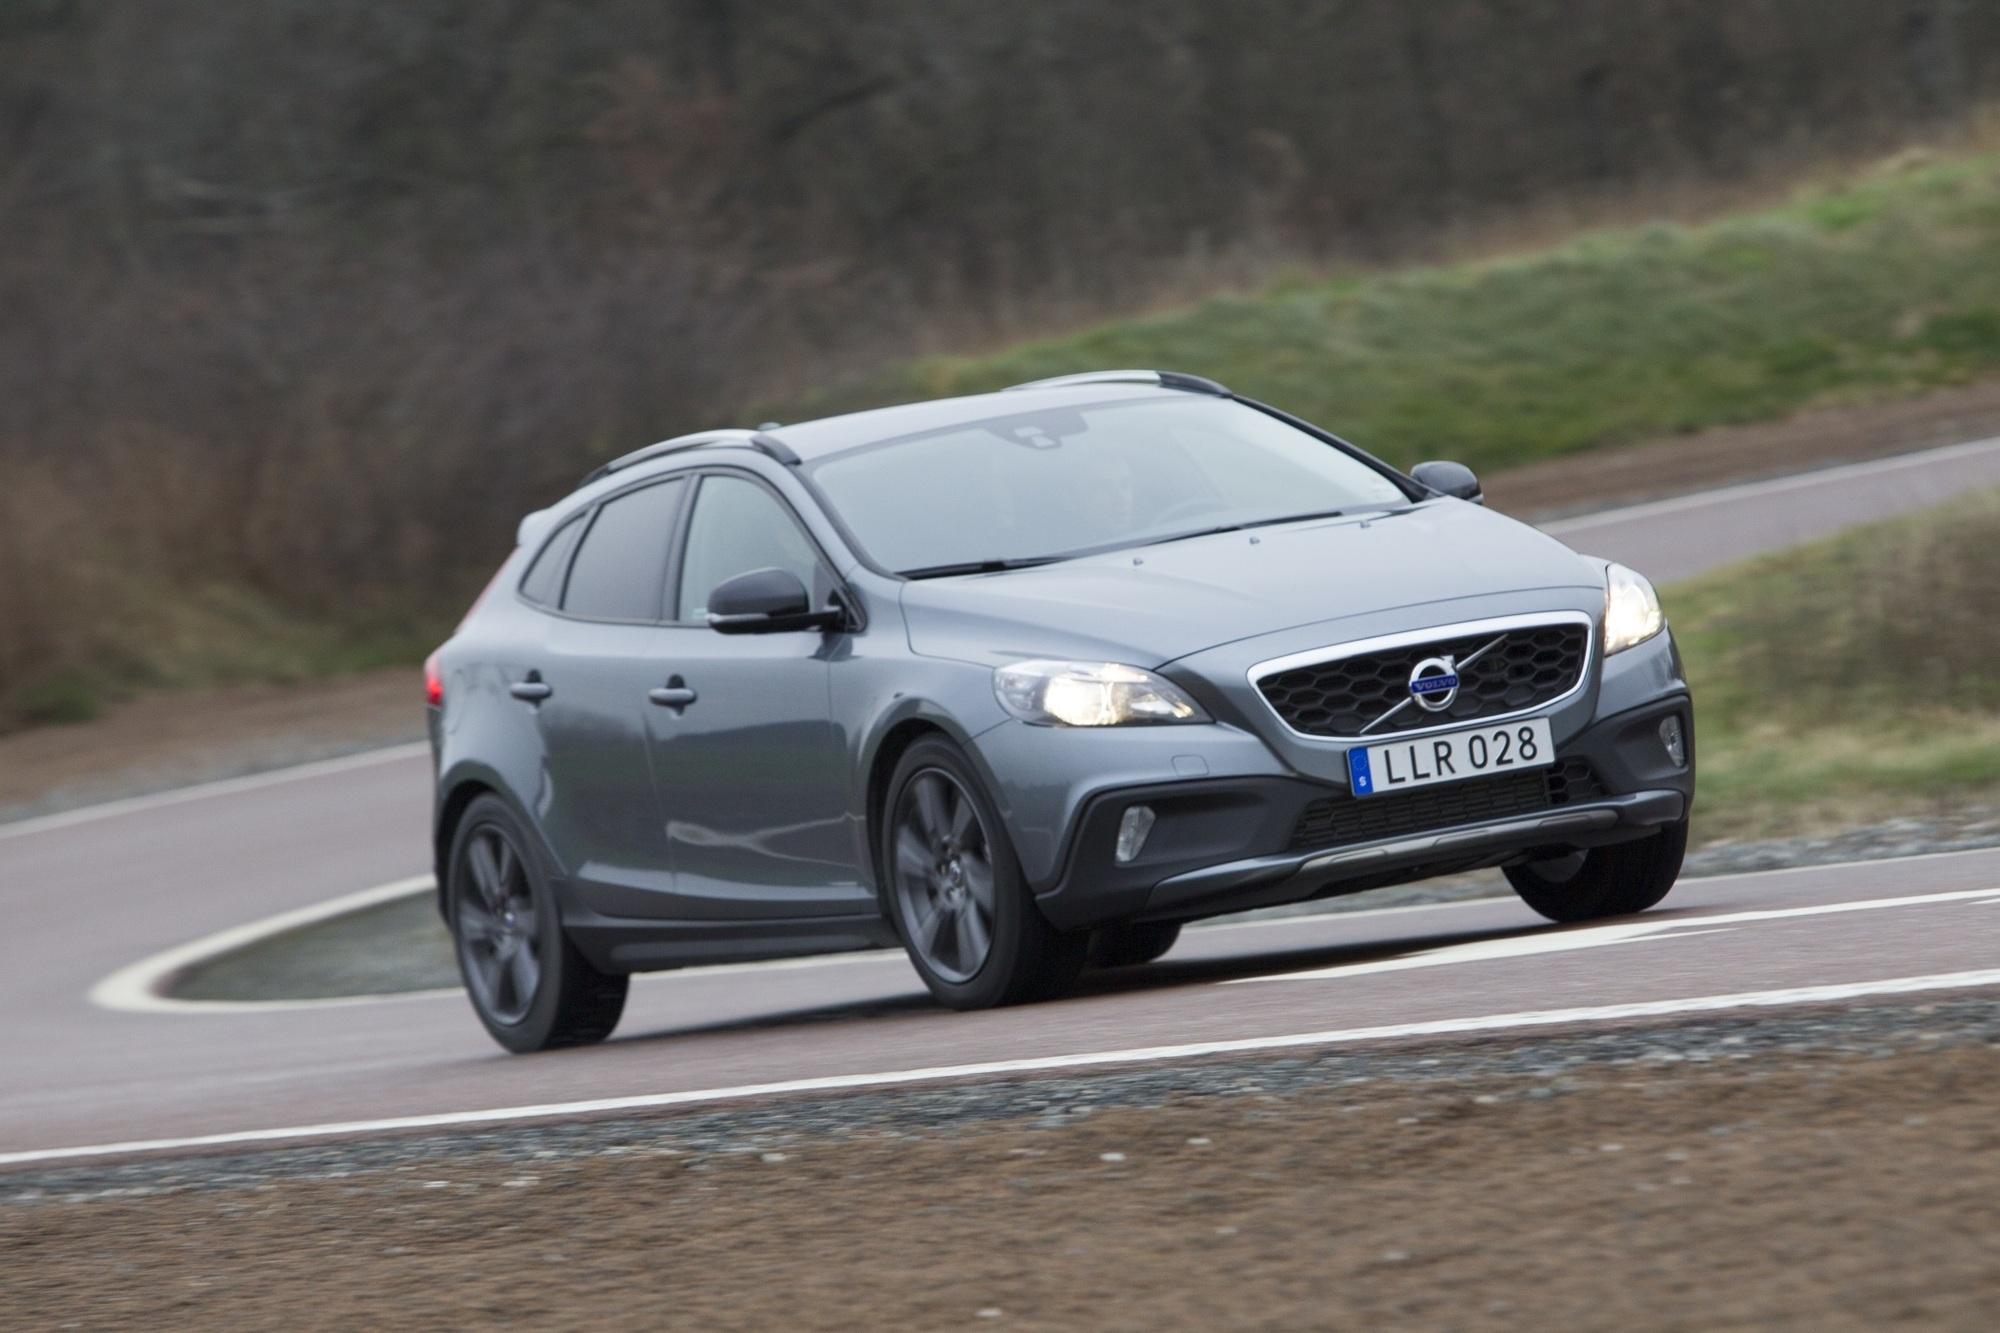 Volvo-Motorenoffensive - Drei Zylinder mit 180 Pferden